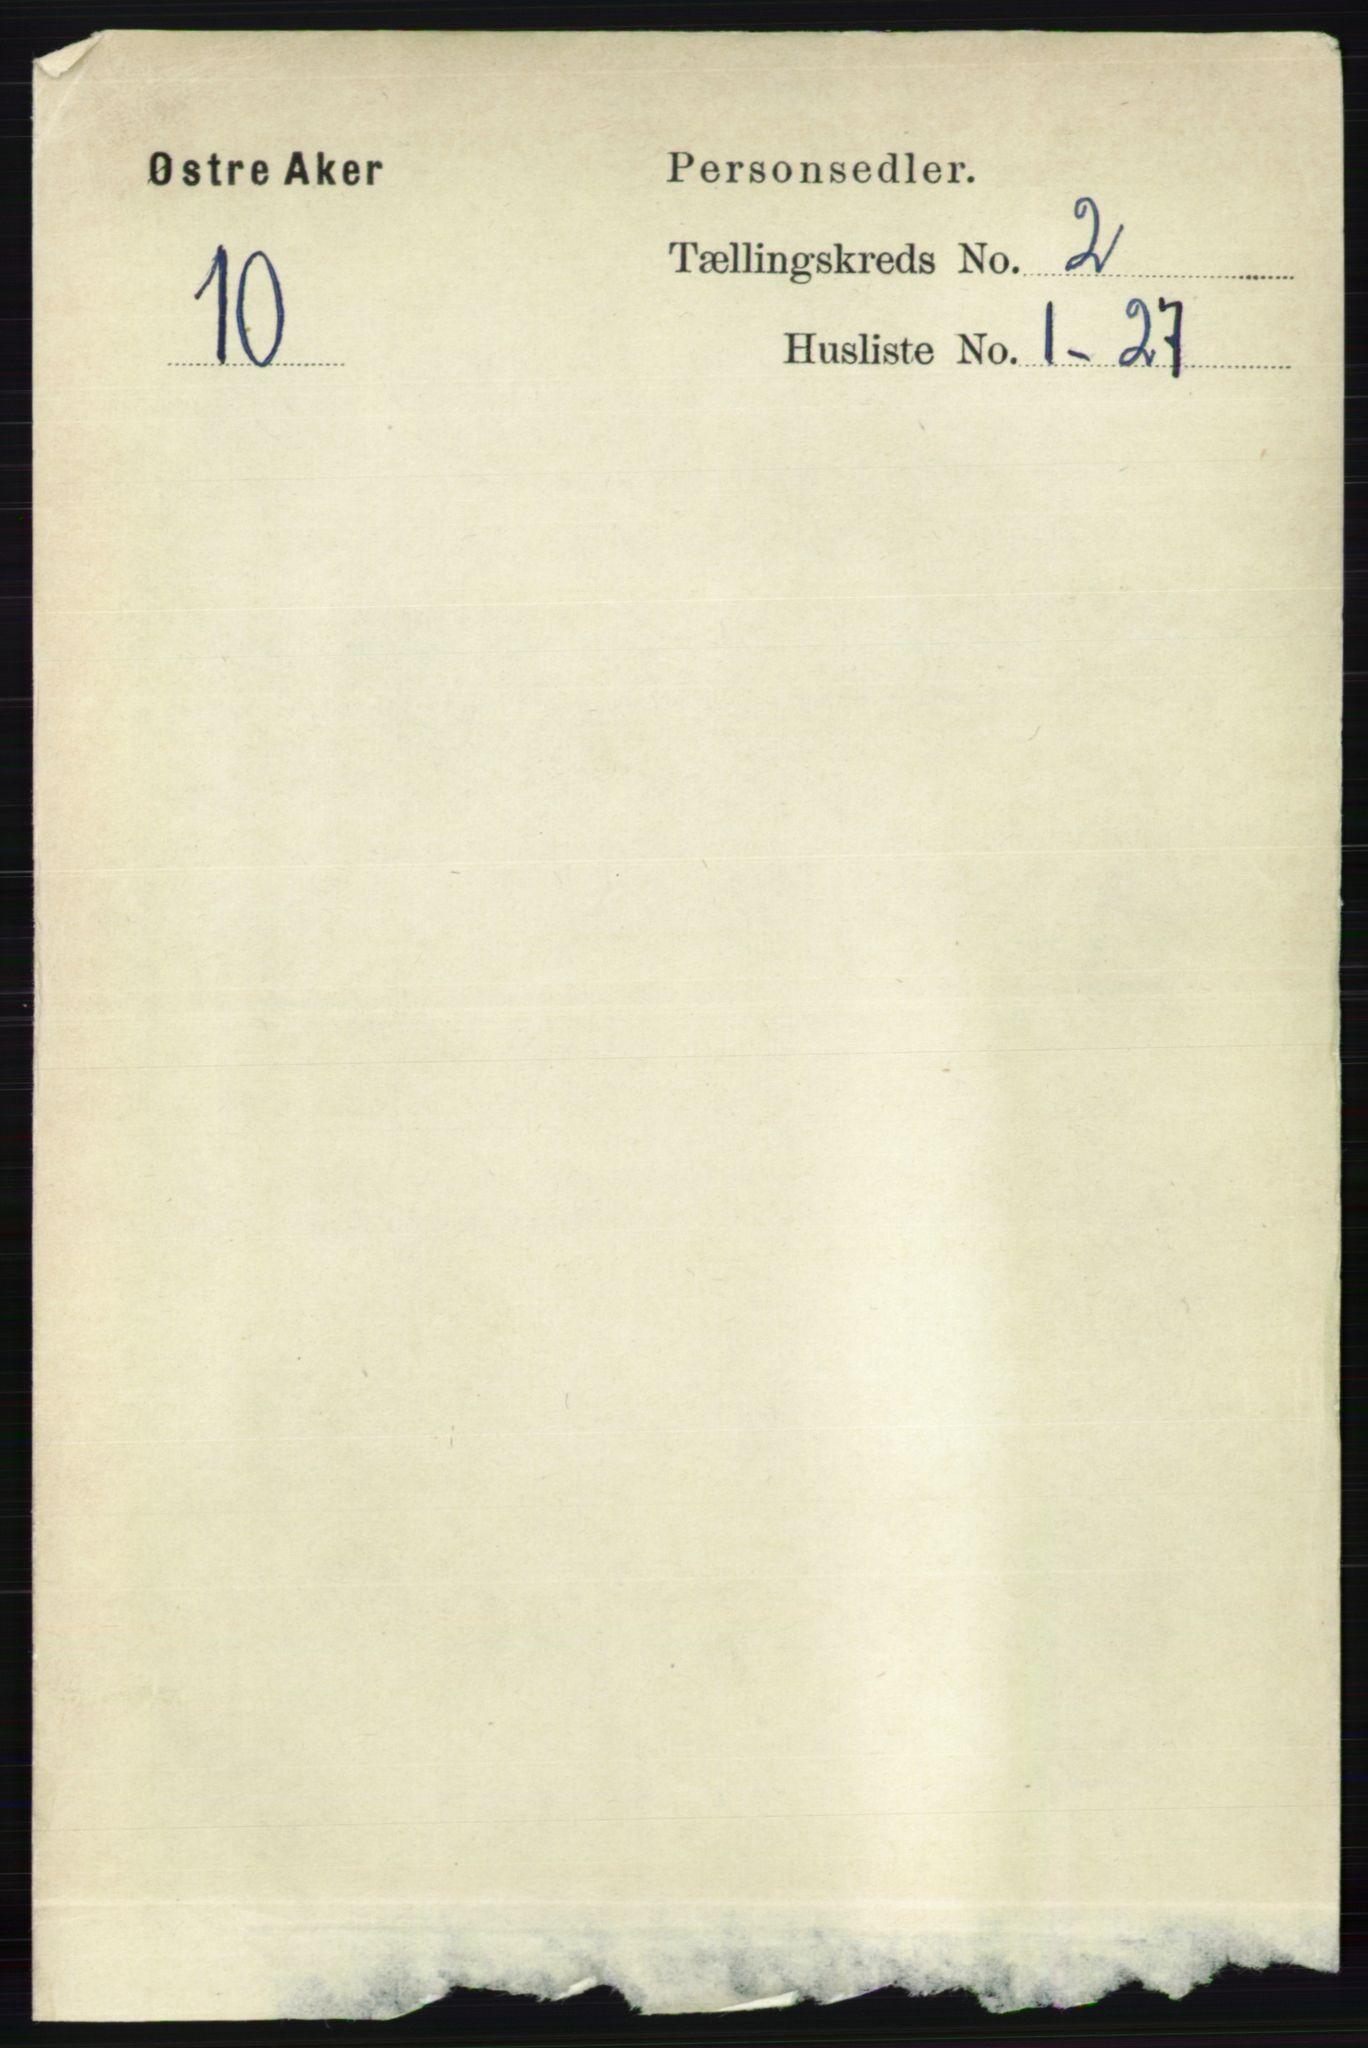 RA, Folketelling 1891 for 0218 Aker herred, 1891, s. 1358